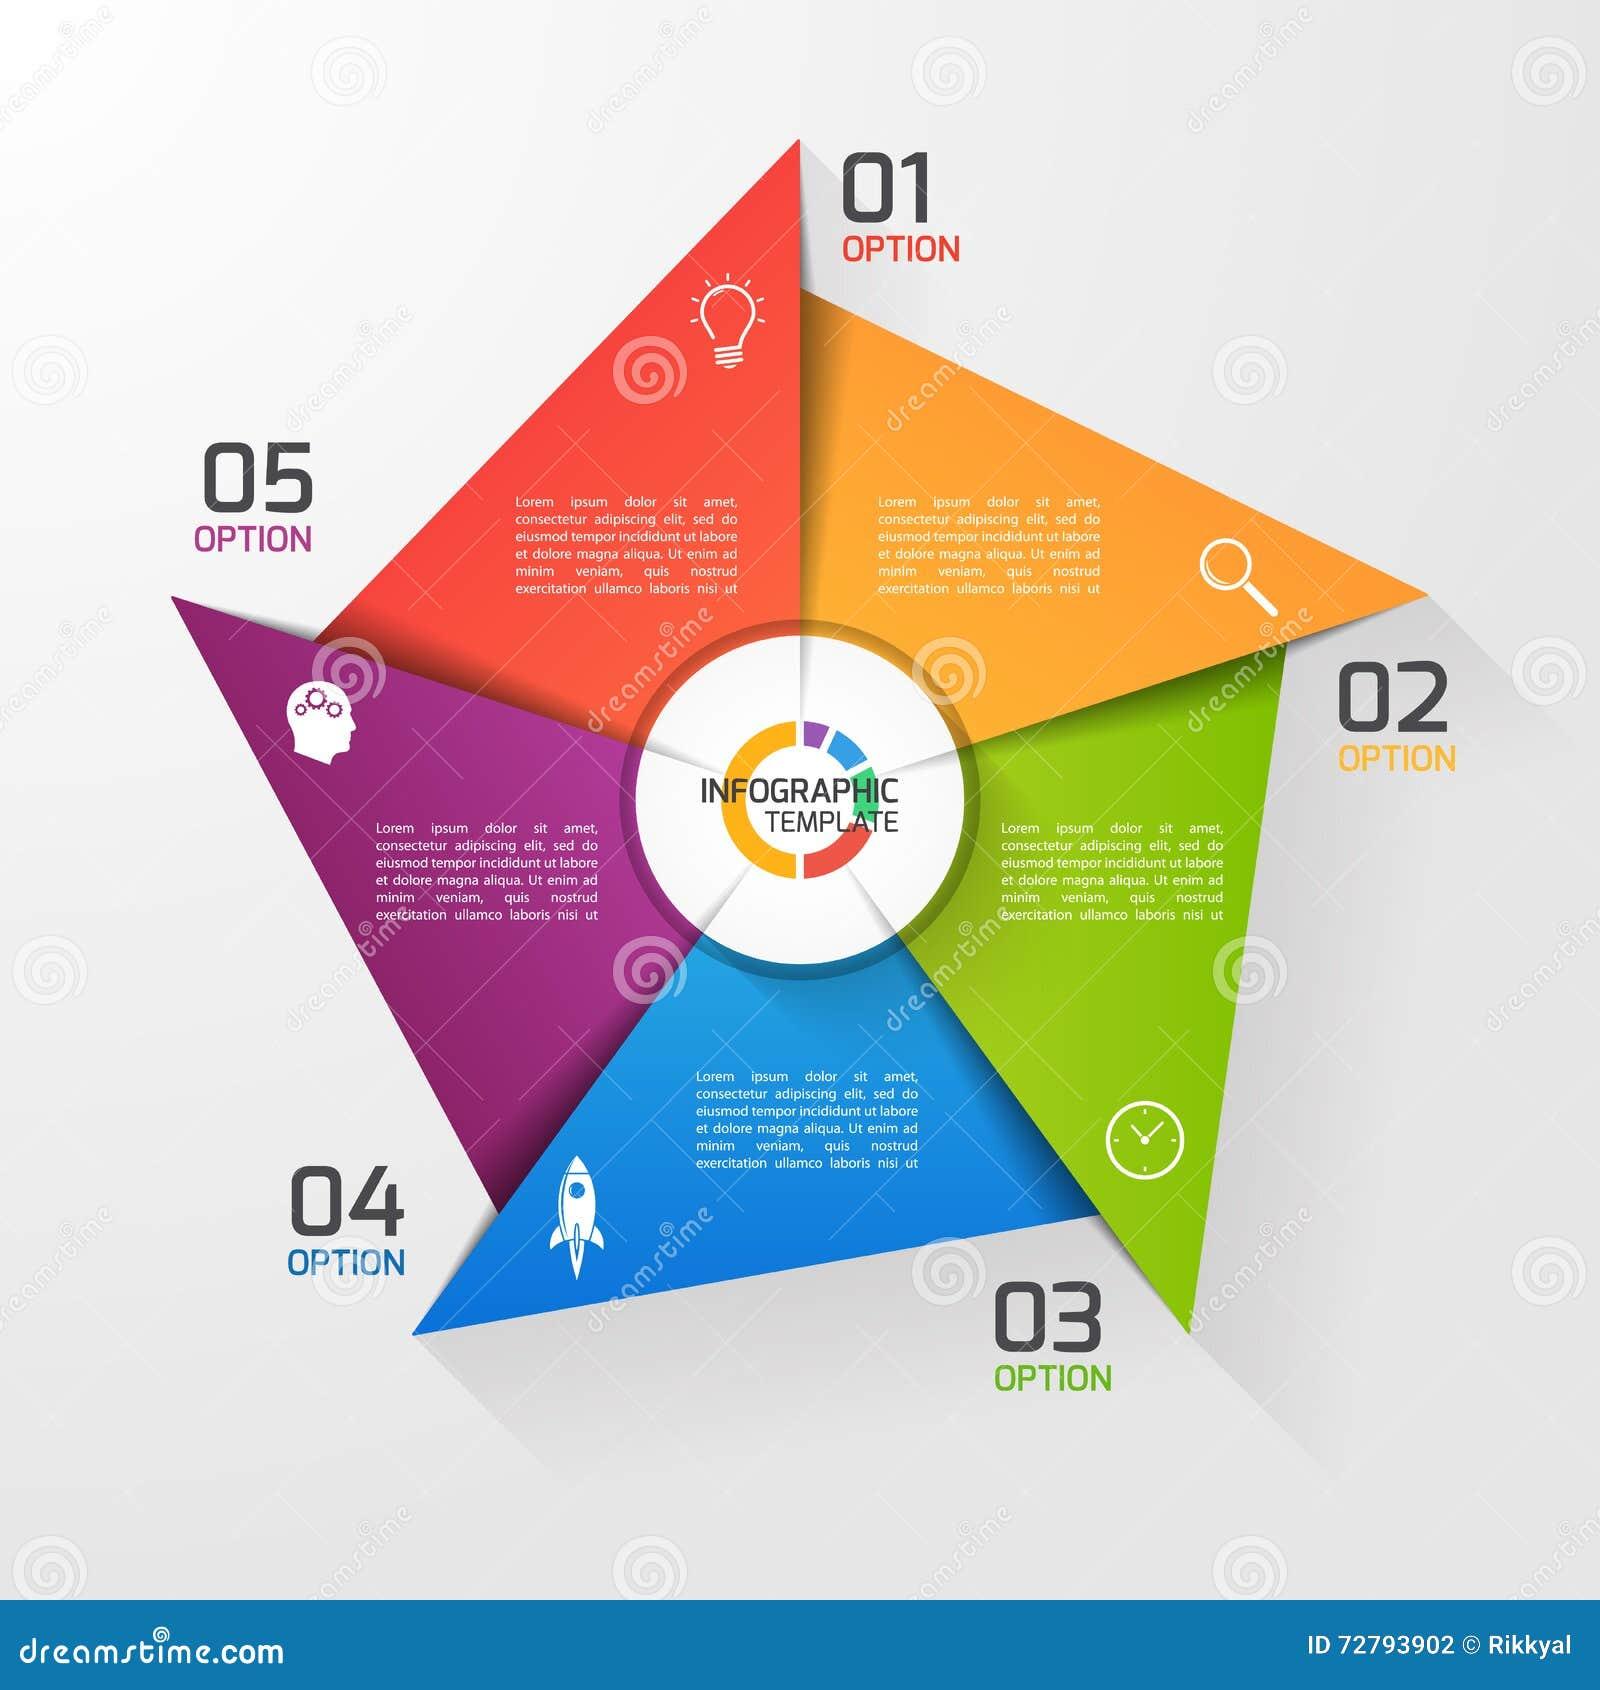 Plantilla infographic del círculo del estilo del molino de viento para los gráficos, cartas